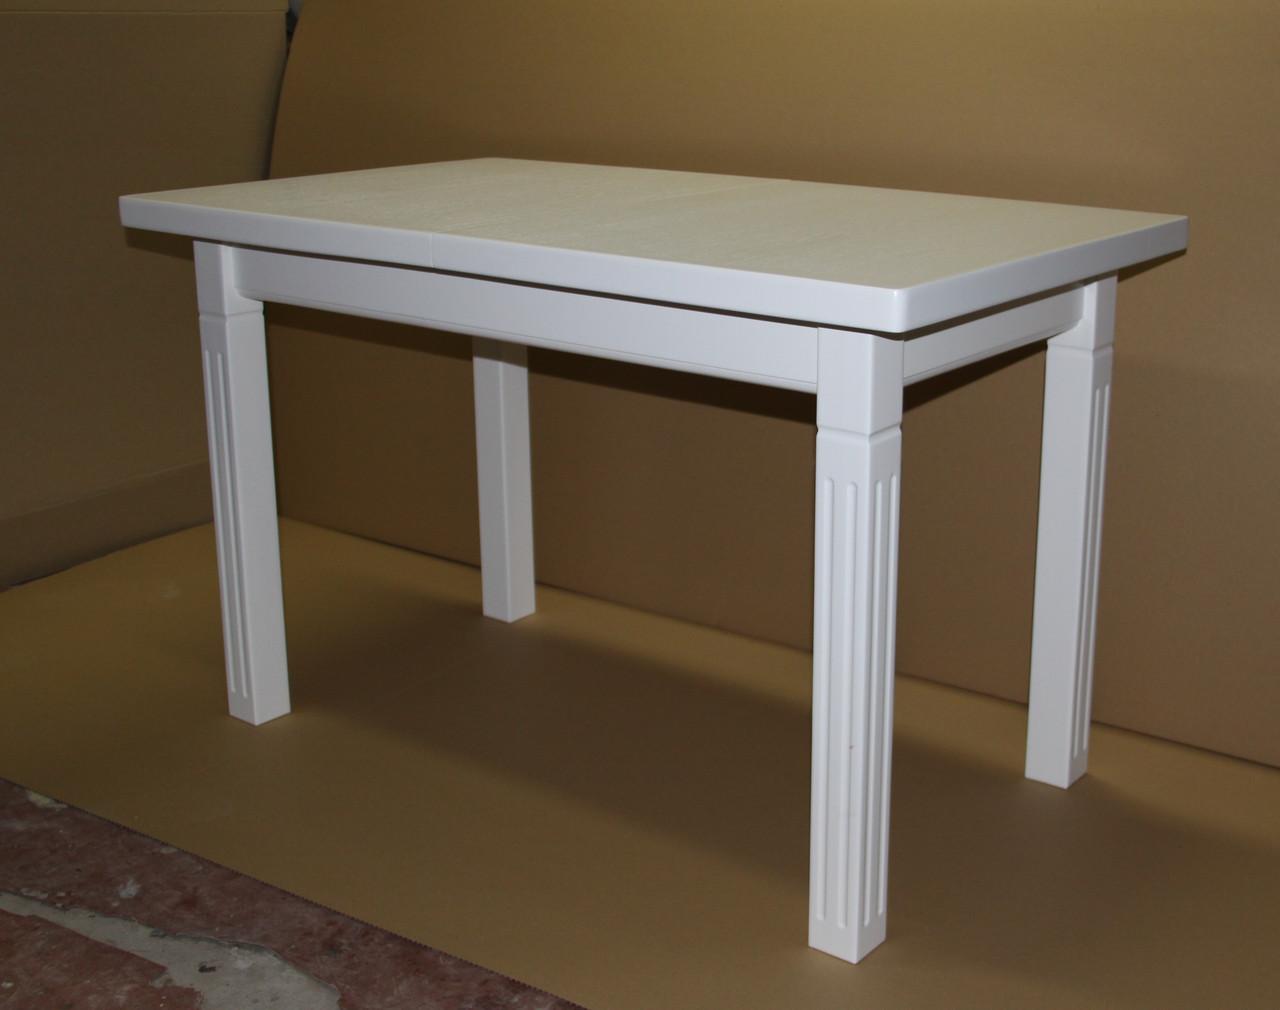 Стол Классик плюс (Атлант) белый 110 обеденный раскладной на четырех ногах